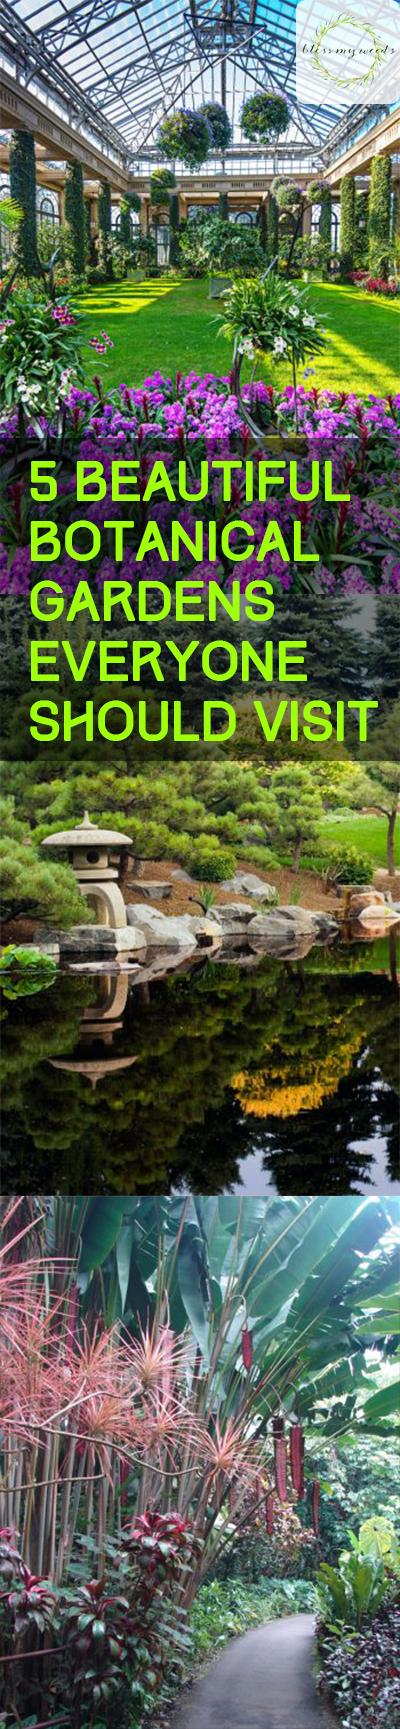 Botanical Gardens, Botanical Gardens to Visit, Gardens to Visit, Gardening,  Traveling, Traveling Hacks, Travel Activites, Popular Pin, Gardening, Gardening 101, DIY Botanical Garden